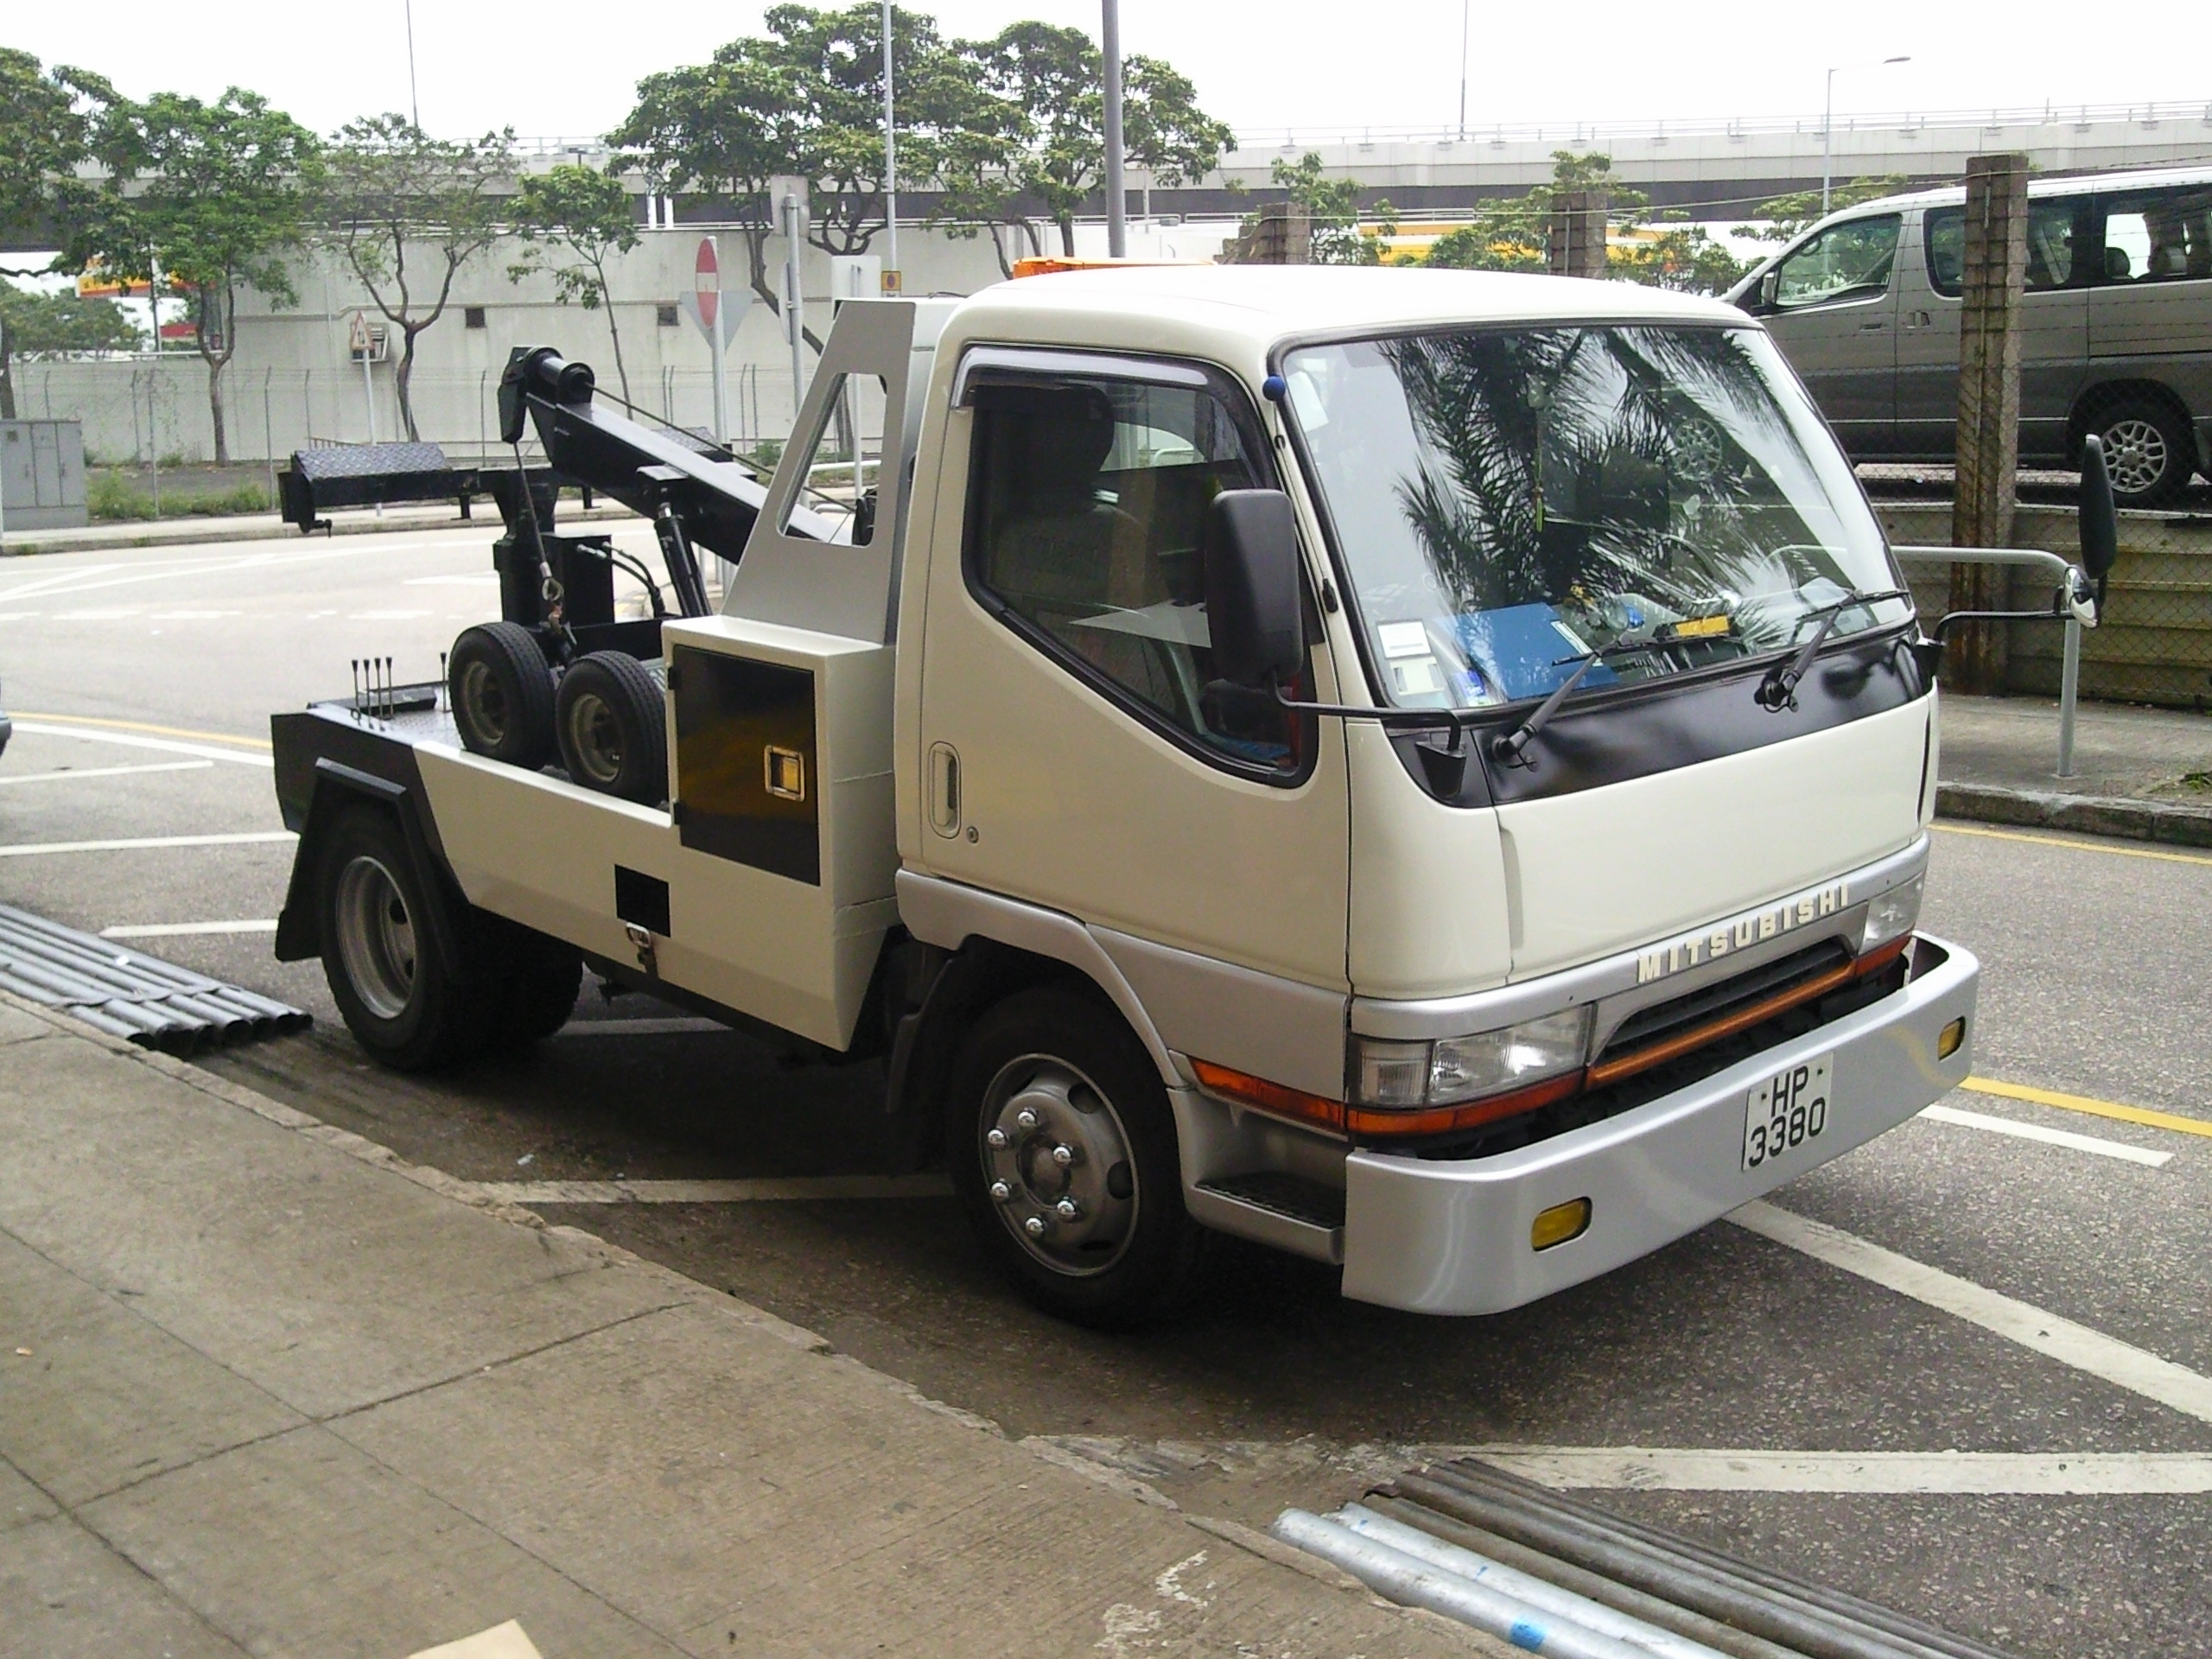 拖車服務 信悅汽車維修有限公司 Auto Project L